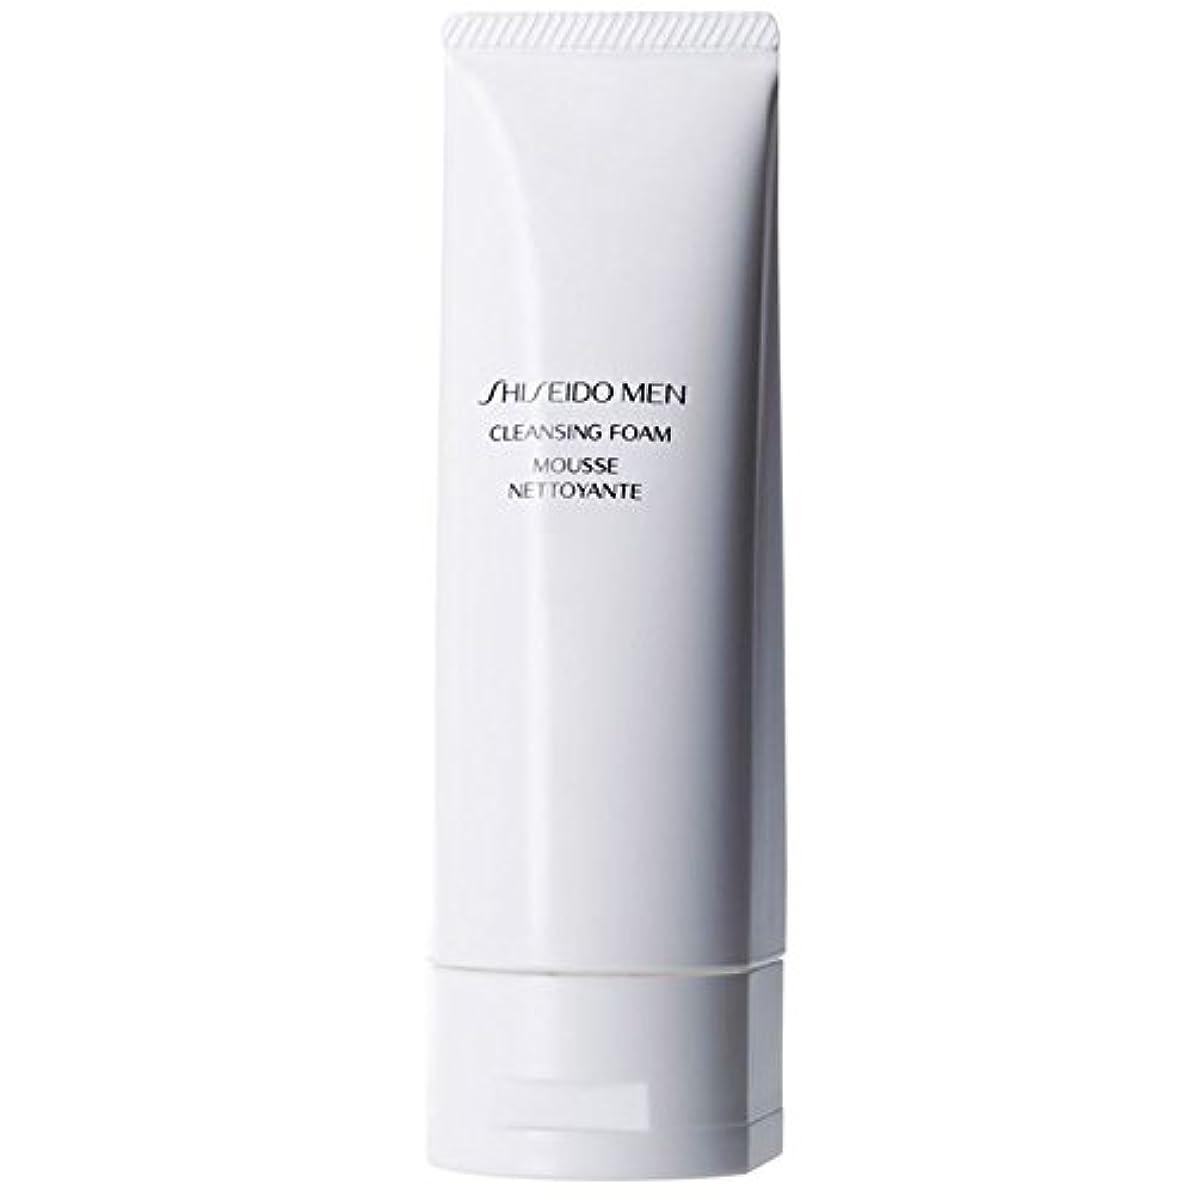 枝オレンジ縮れた[Shiseido] 泡125ミリリットルをクレンジング資生堂の男性 - Shiseido Men Cleansing Foam 125ml [並行輸入品]